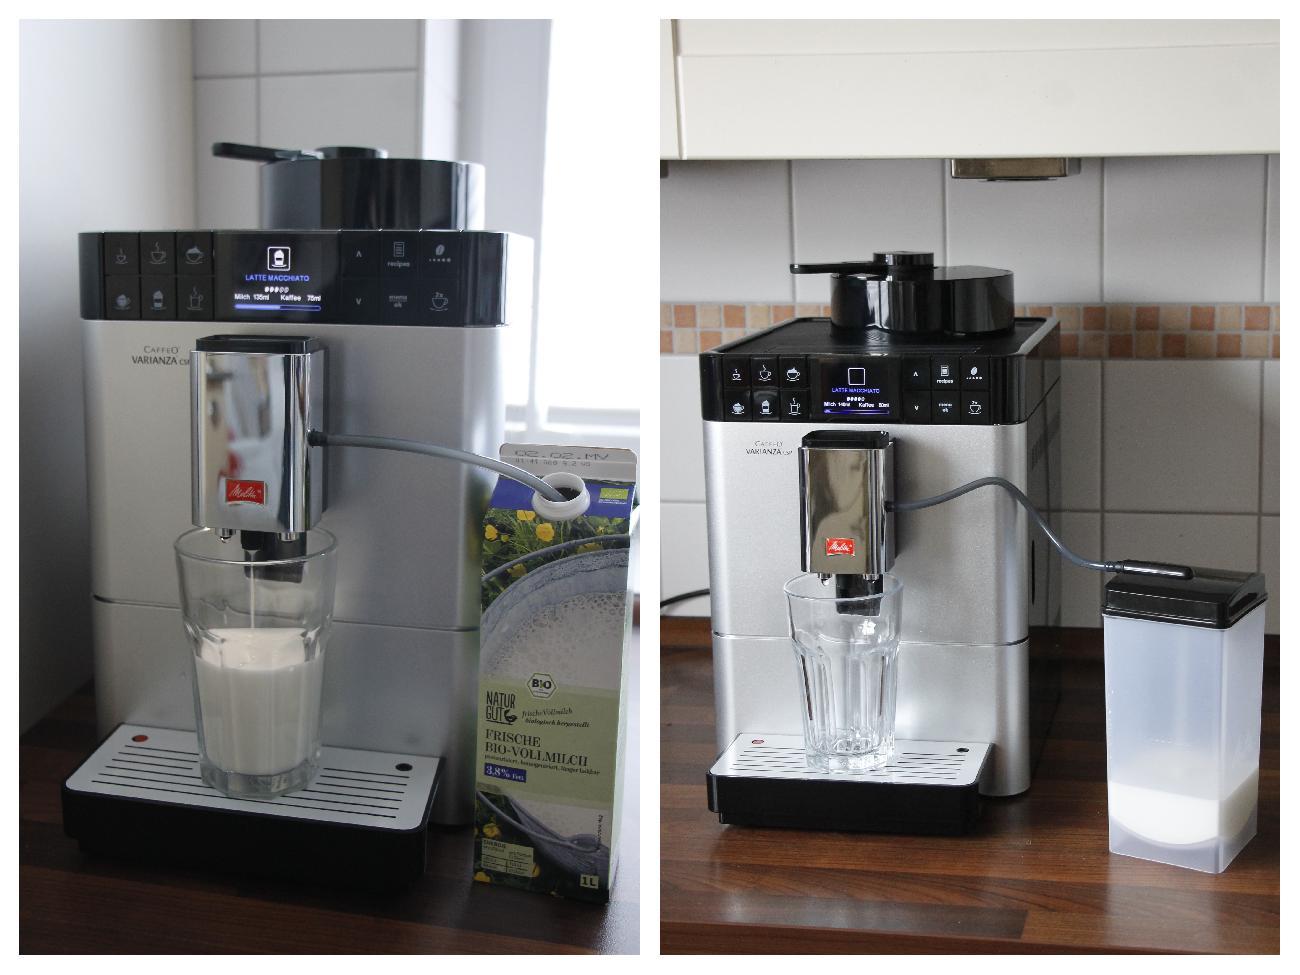 Milchschaumzubereitung Caffeo Varianza CSP